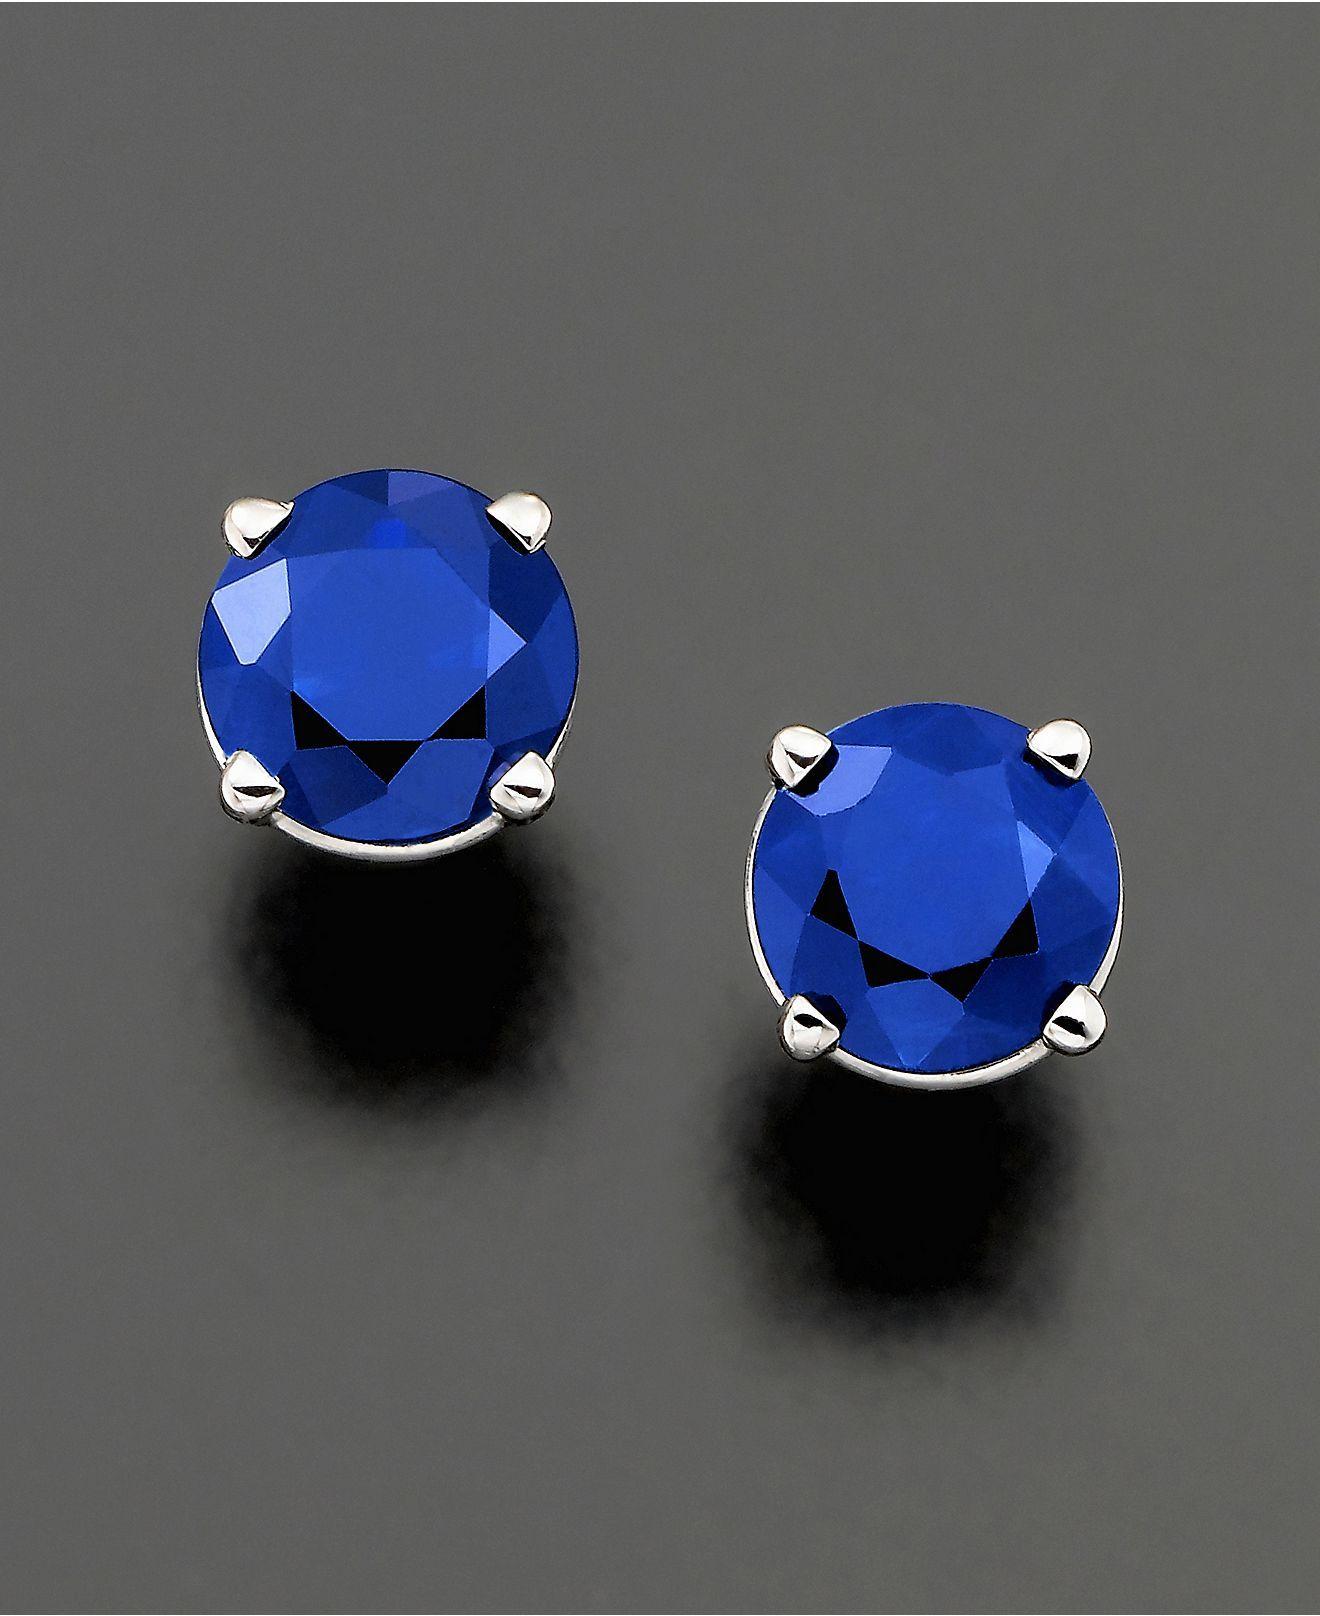 14k White Gold Earrings, Sapphire Stud Earrings (1 ct. t.w.)